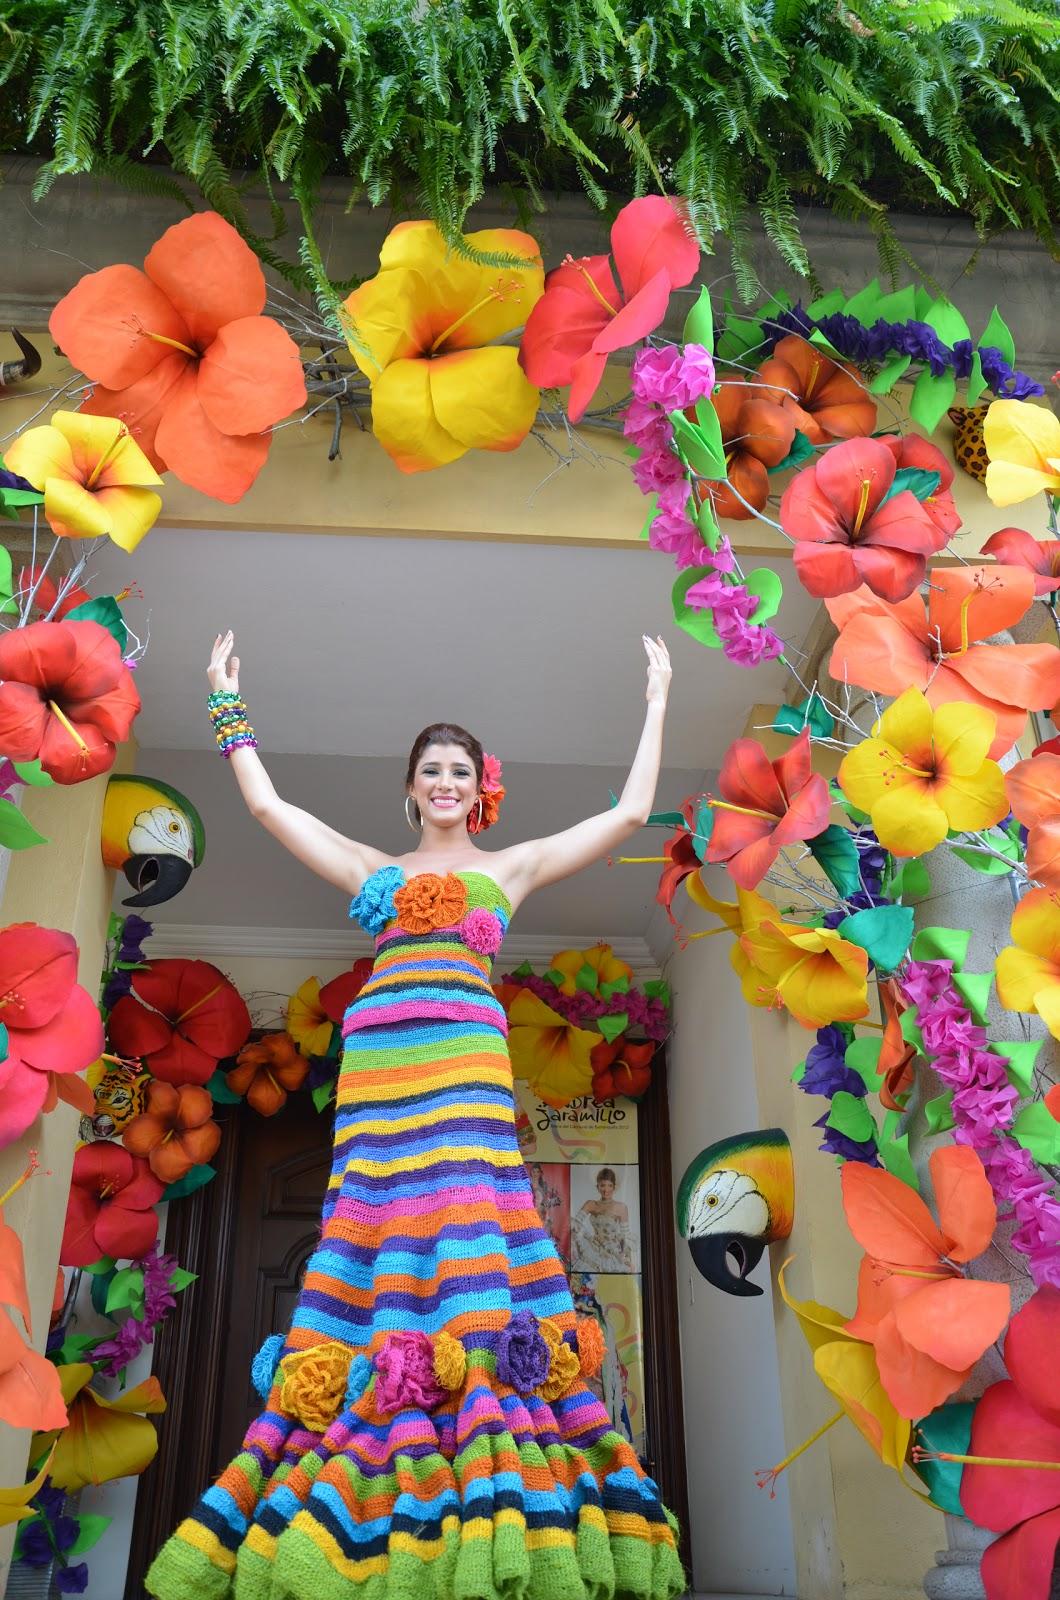 Carnaval del bicentenario 01 26 12 for Decoracion para carnaval